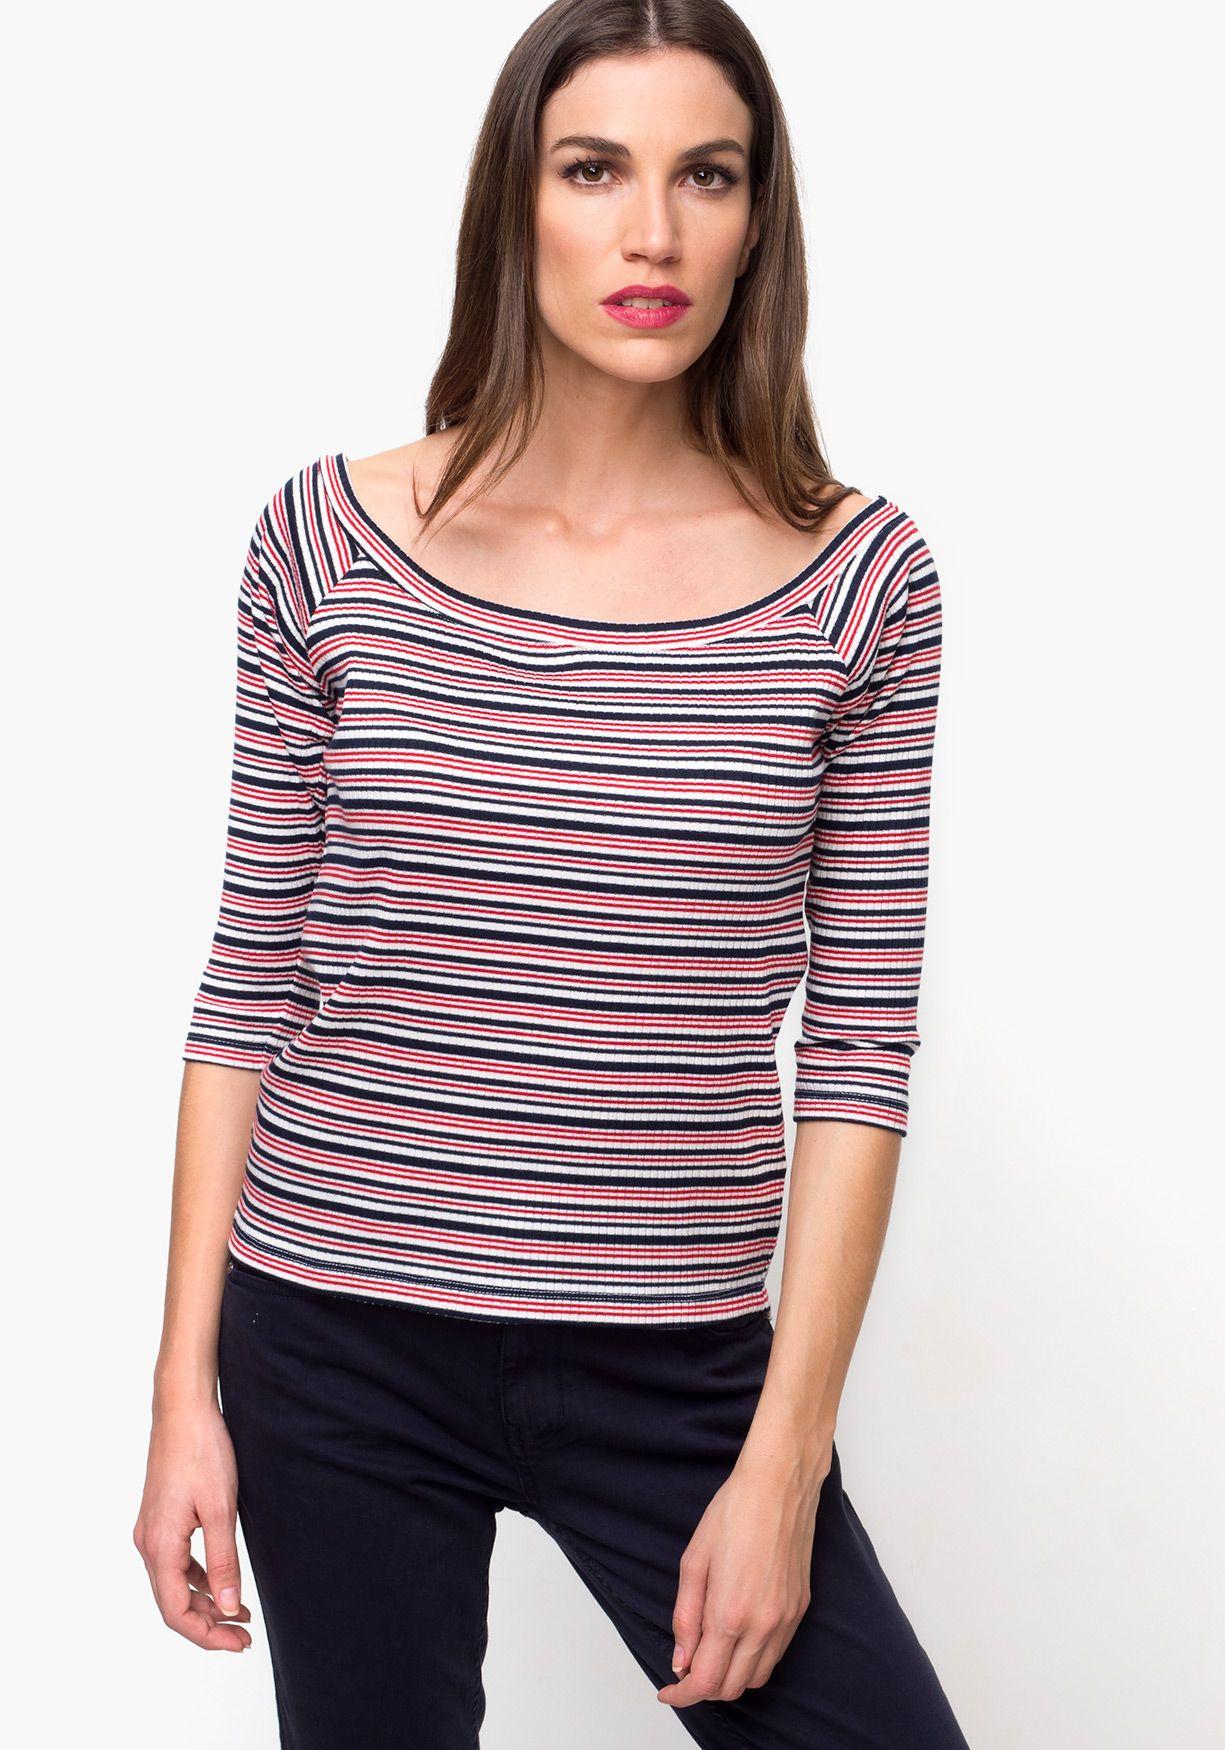 83b9f3ace0c Jersey de mujer, de punto fino, con manga larga y cuello de barco. Diseñado  en España.Poliéster 63% Viscosa 32% Elastano 5%